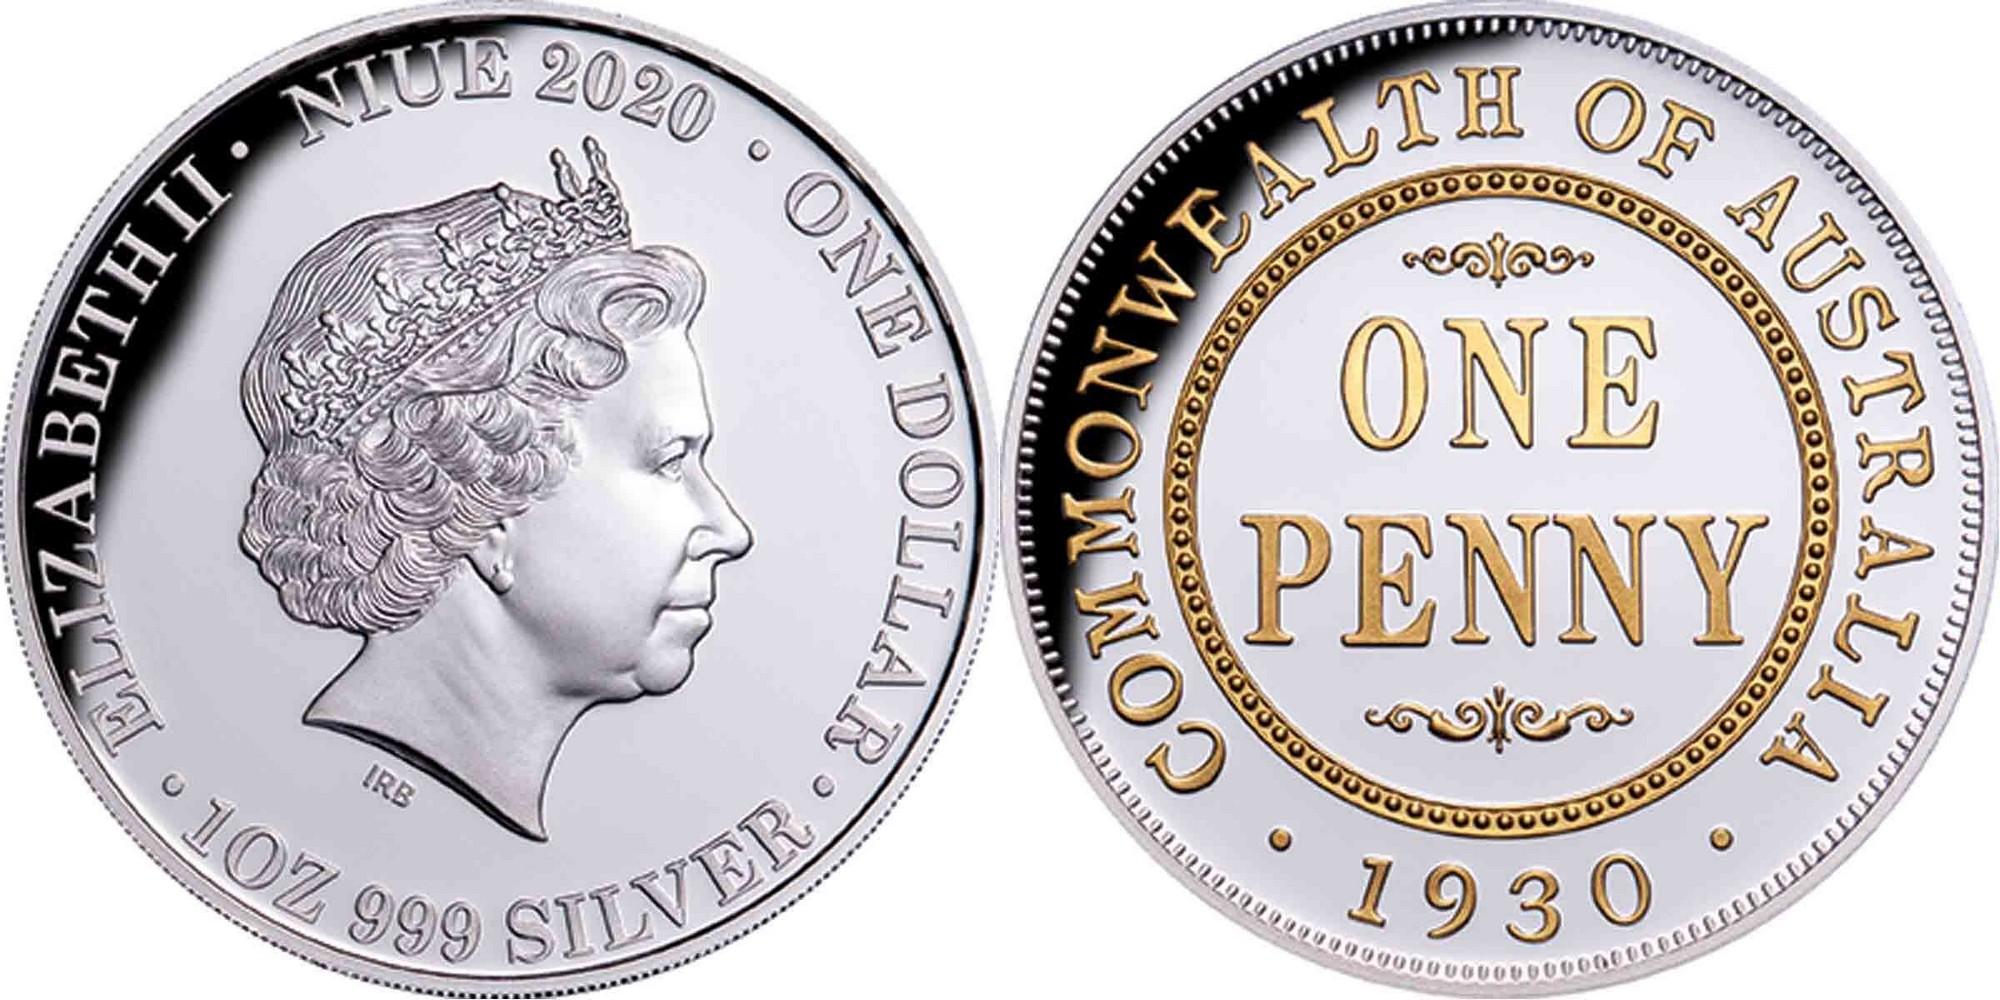 niue-2020-90-ans-du-penny-australien